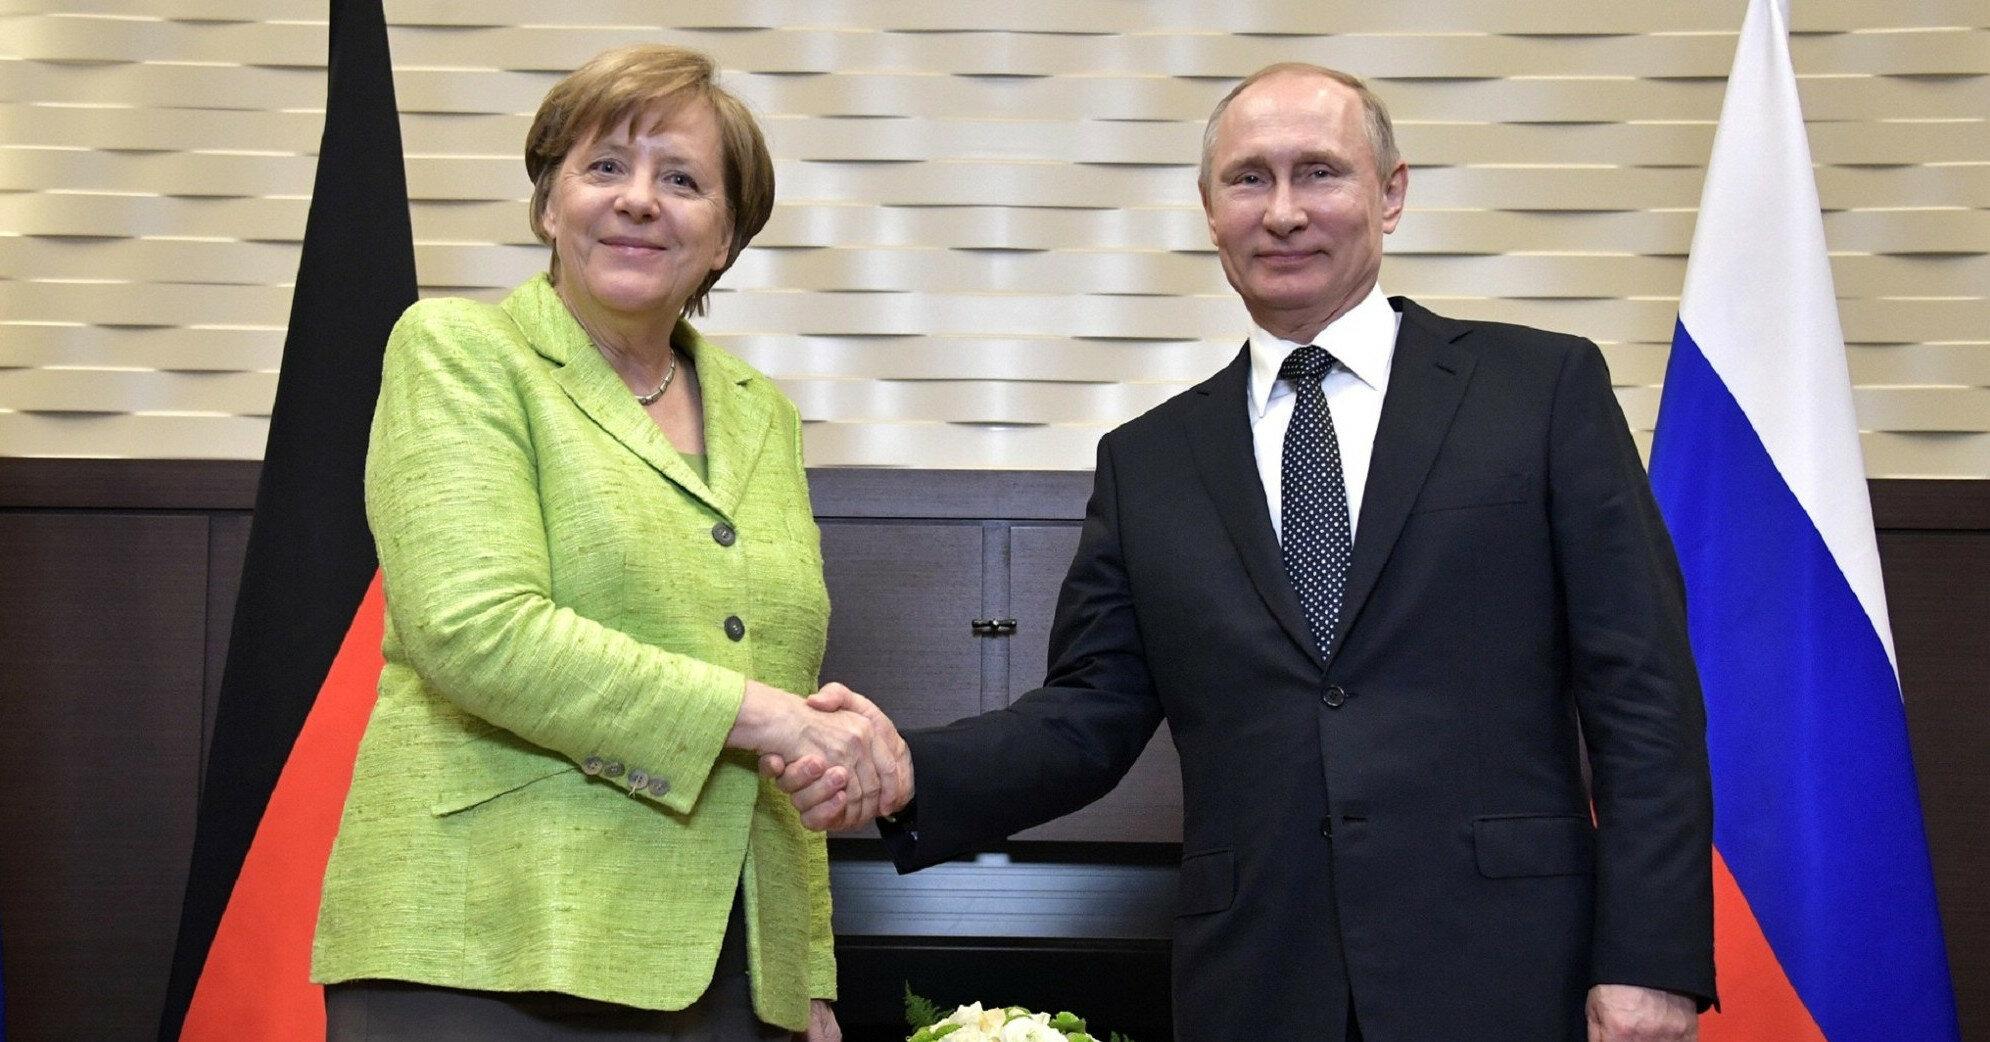 Встреча Меркель и Путина: какие вопросы обсудят